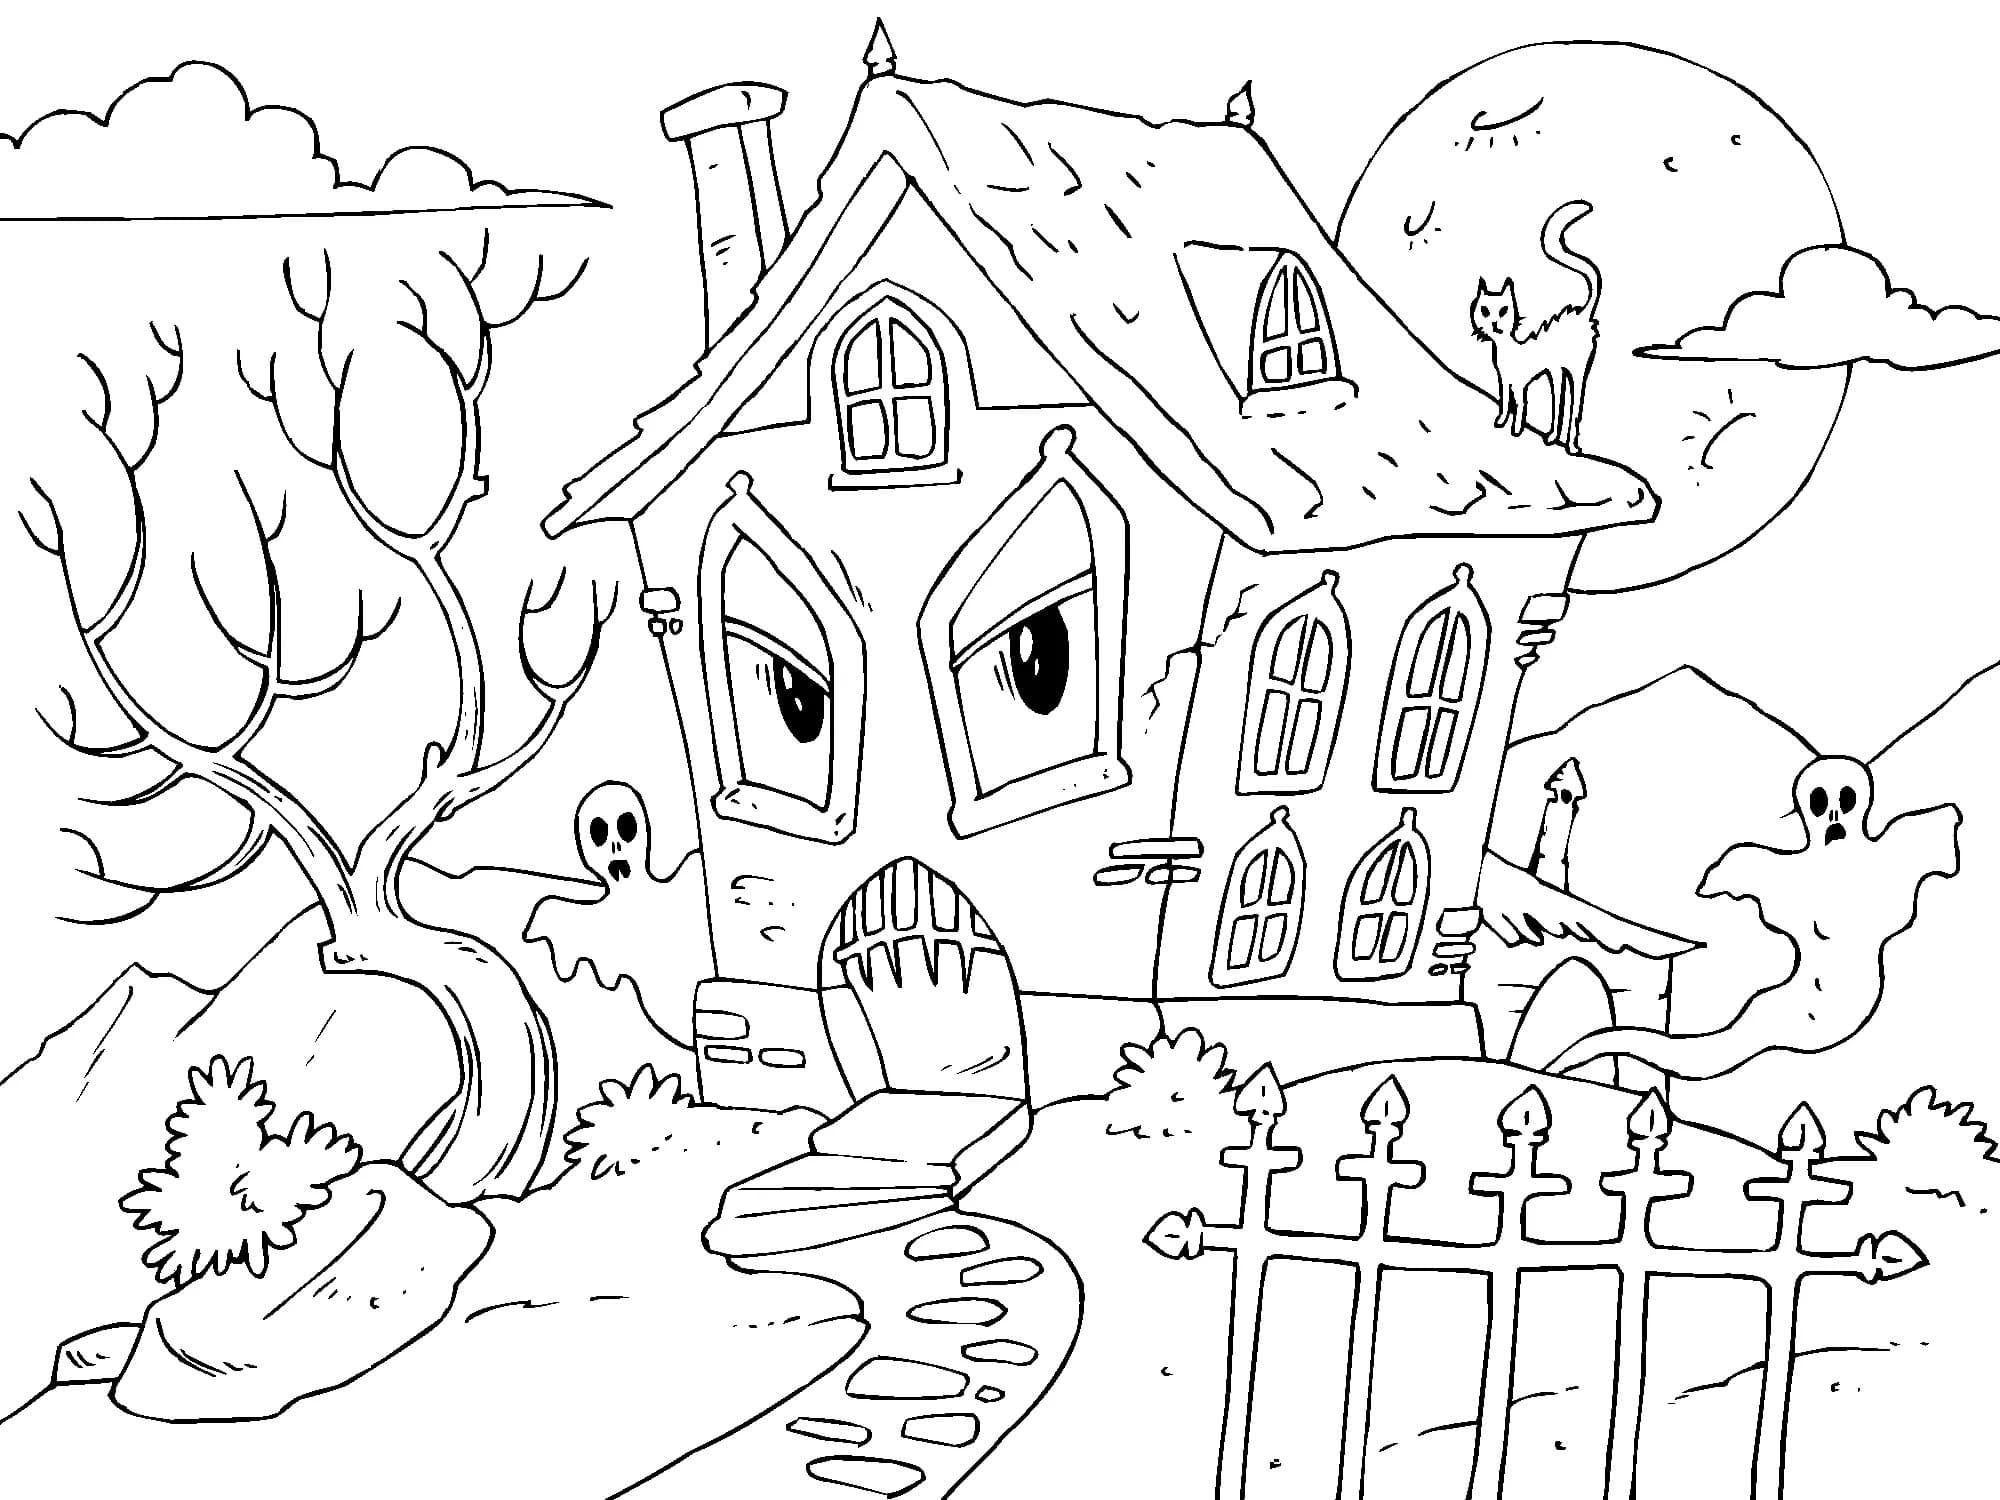 Ausmalbilder Haus mit den Geistern. Halloween Malvorlagen